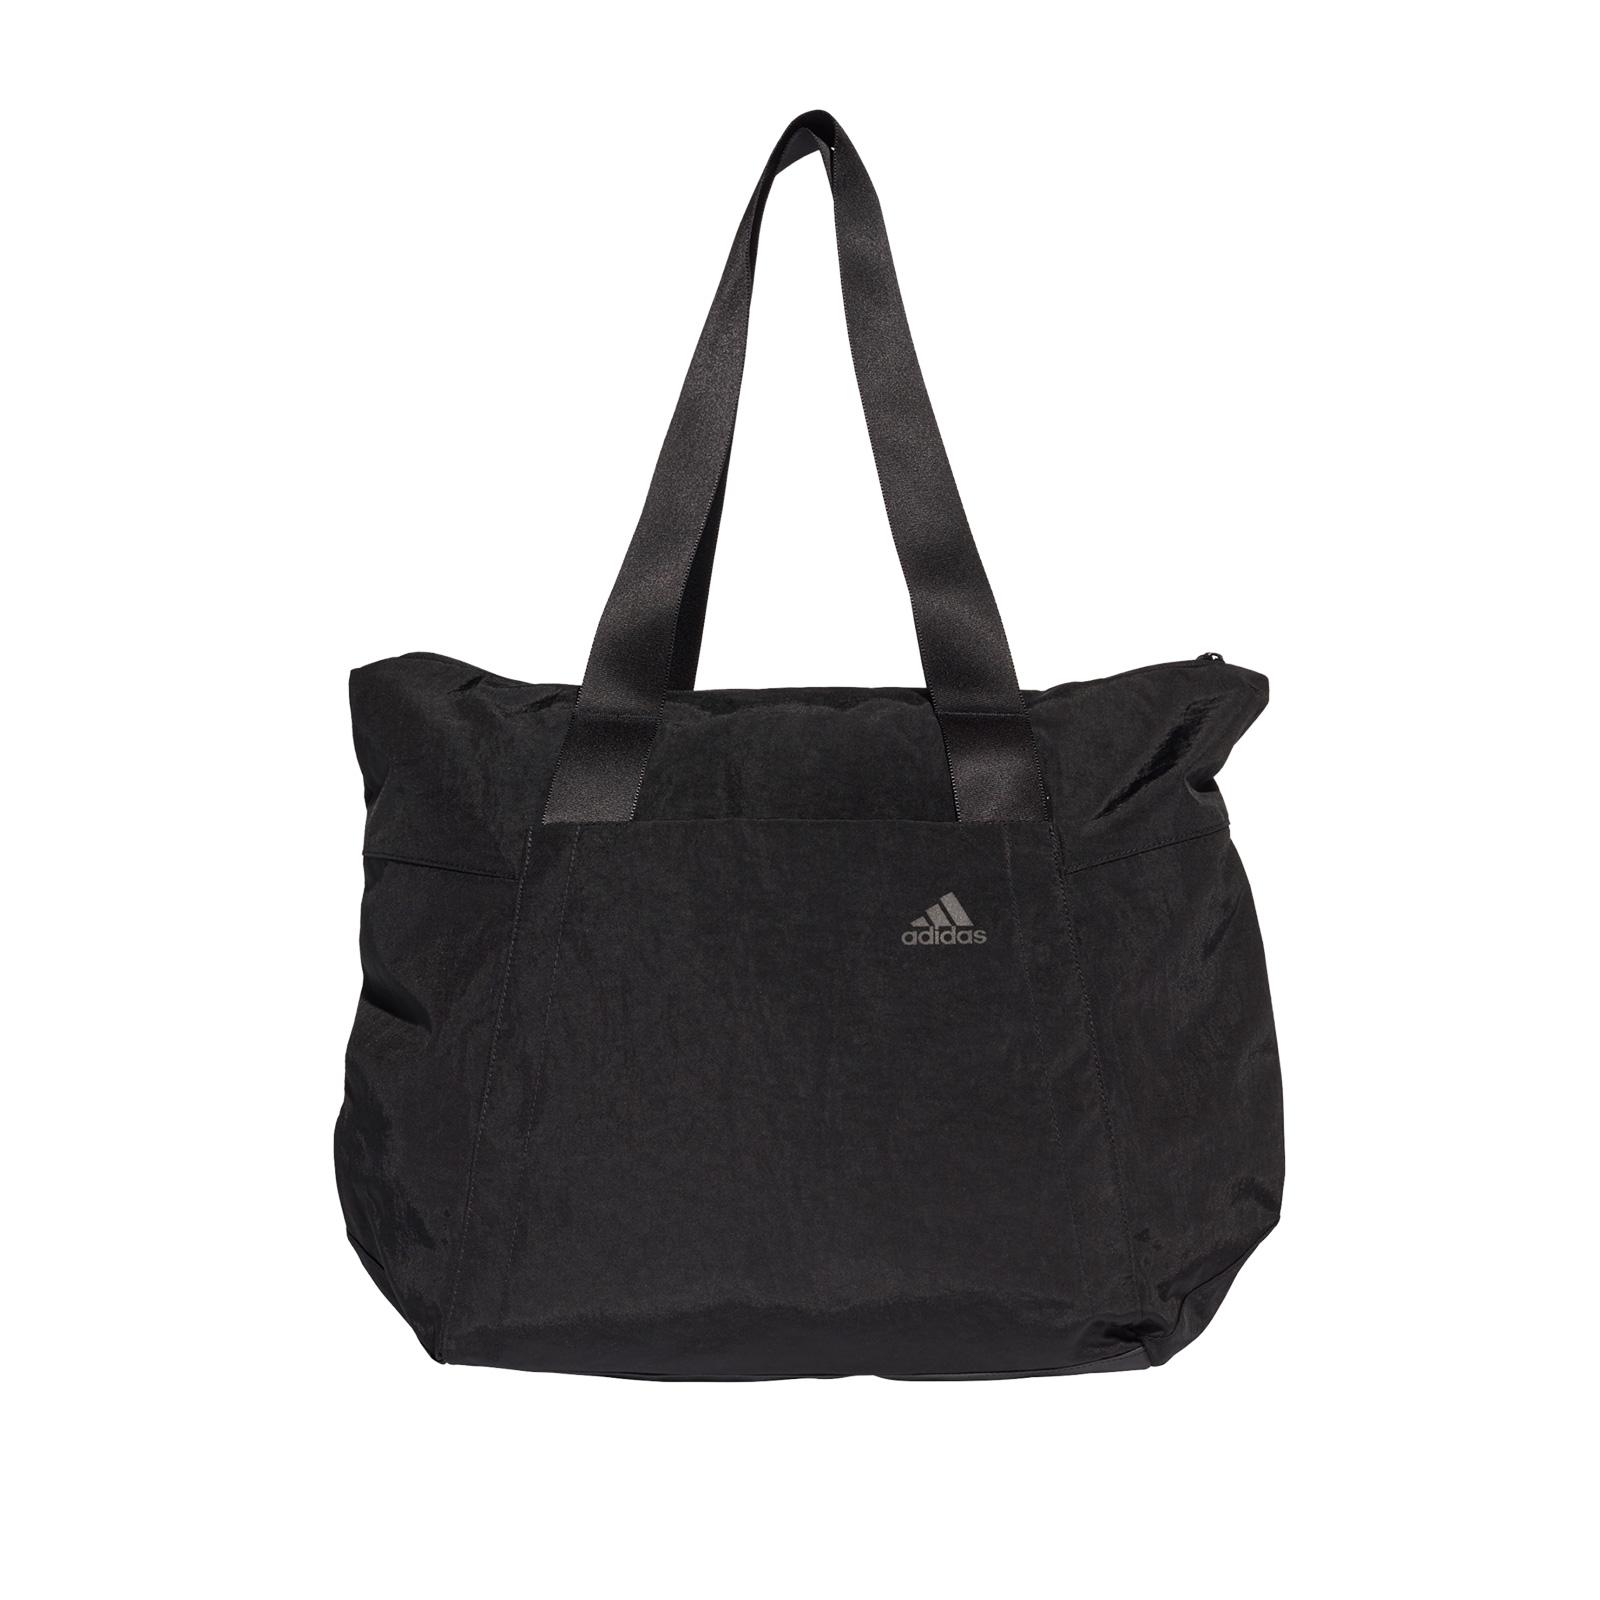 adidas - W ID TOTE KC - BLACK/BLACK